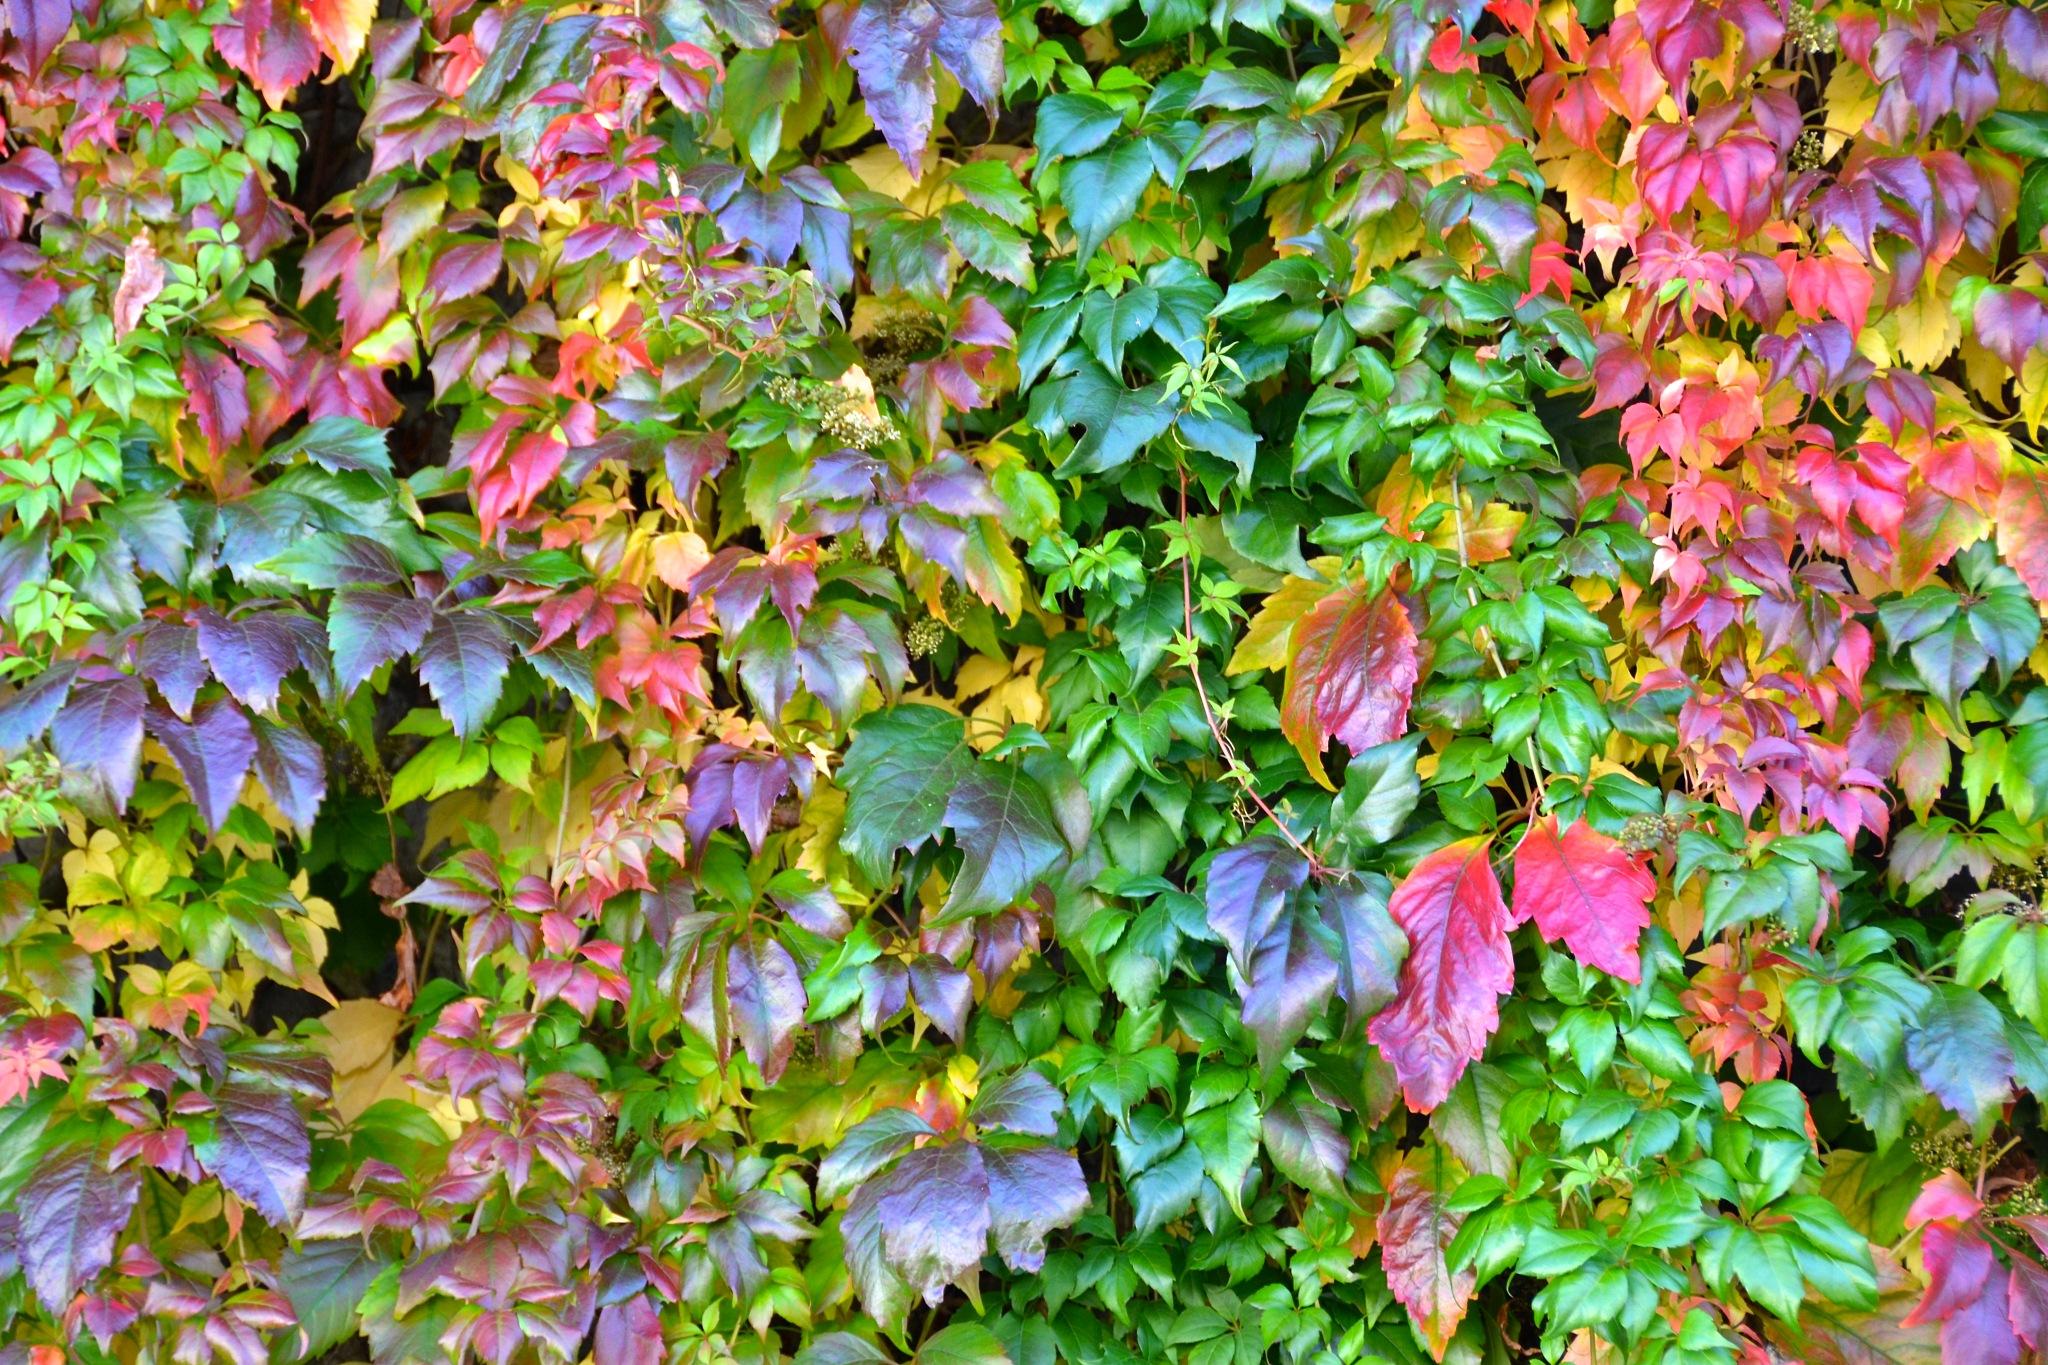 Autumn hues by Marisa